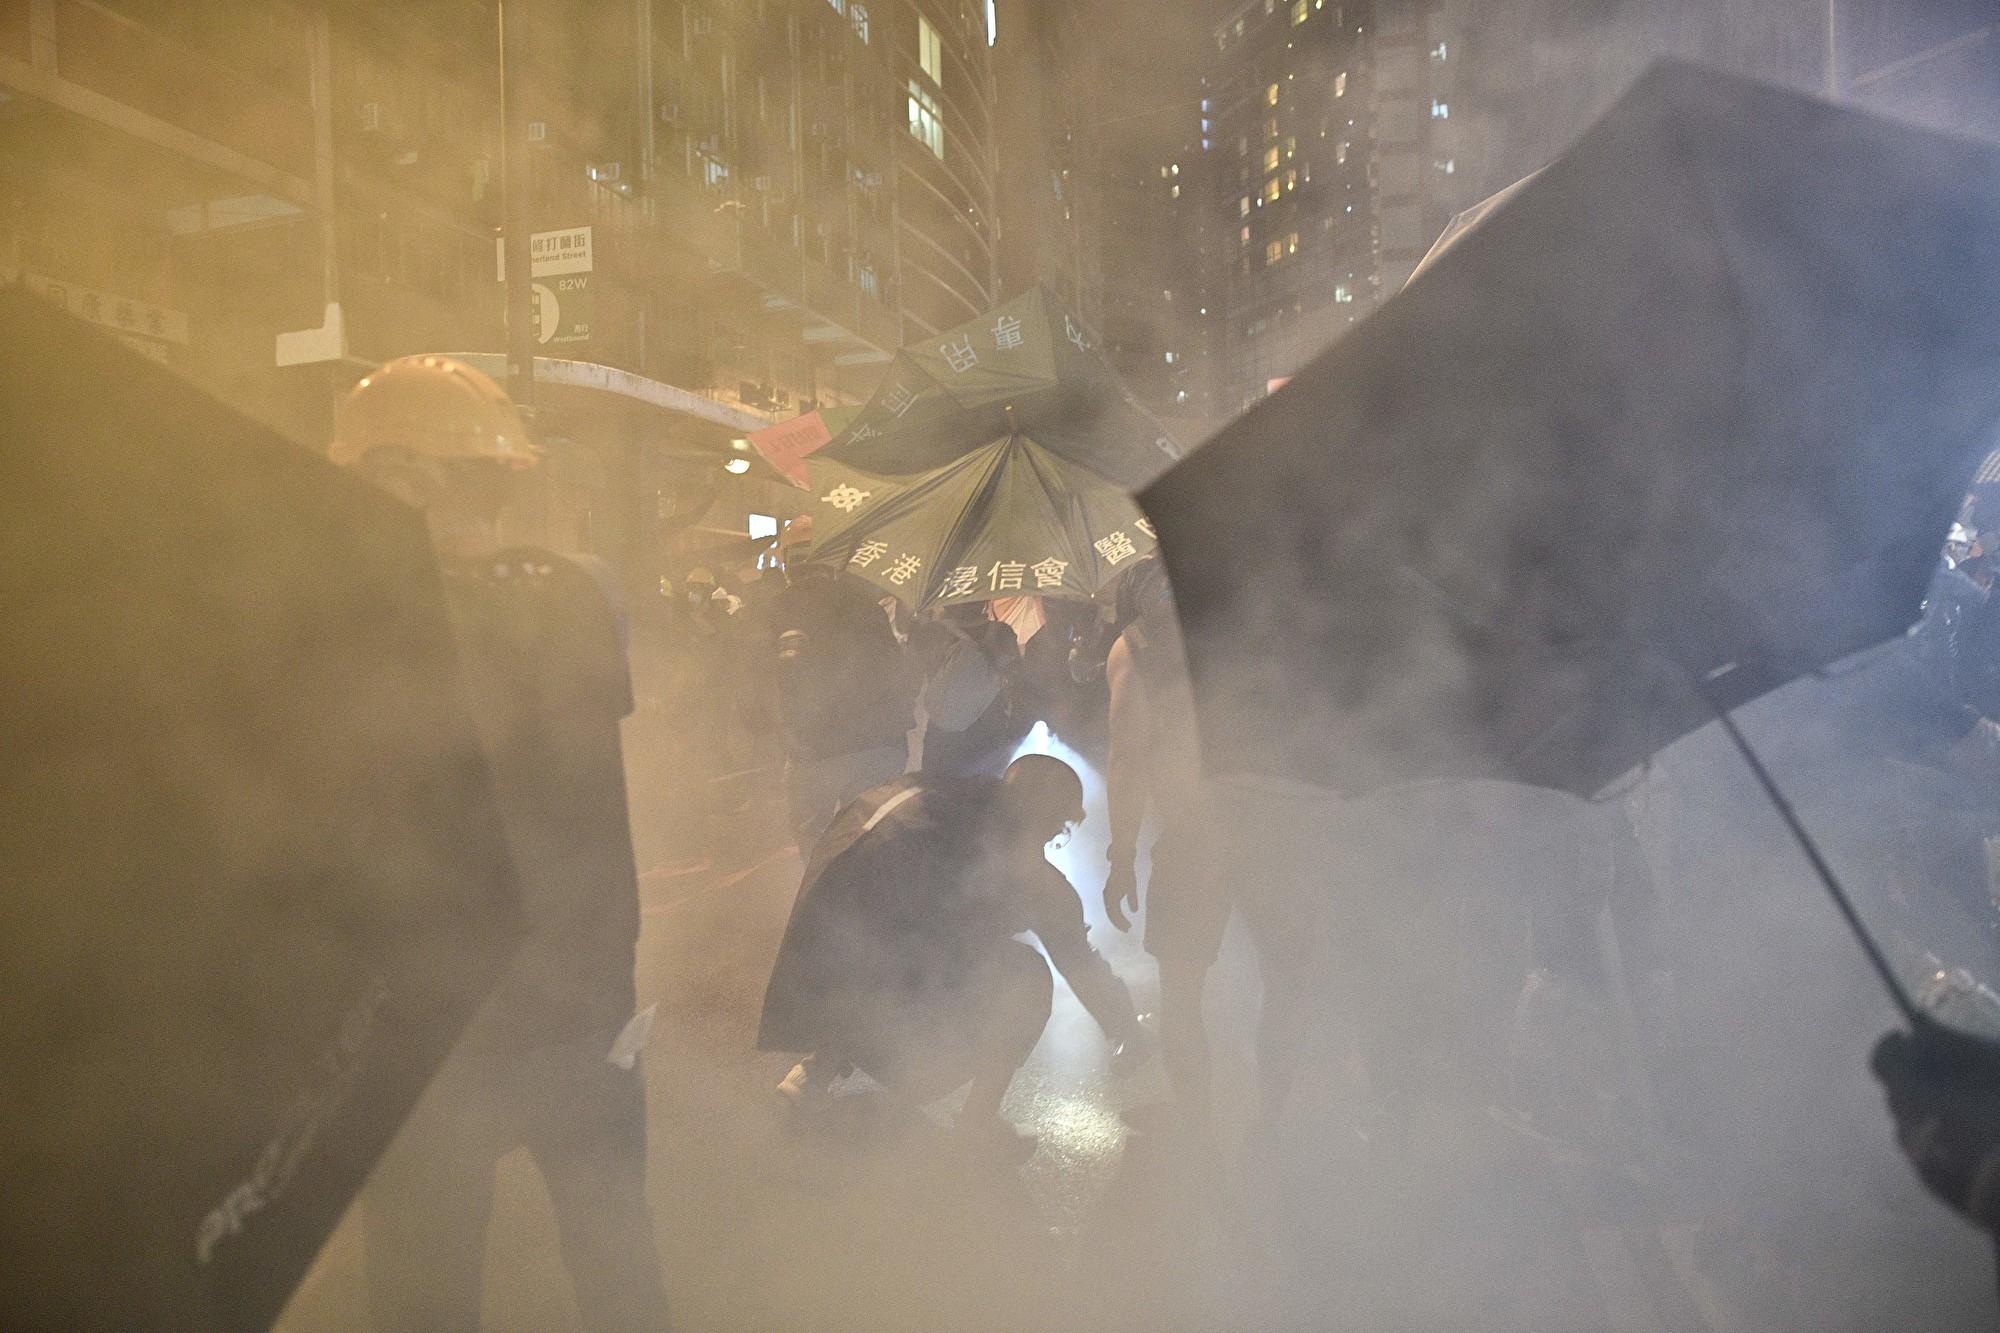 【7.28反送中組圖4】港警暴力抓捕抗議民眾 現場慘烈